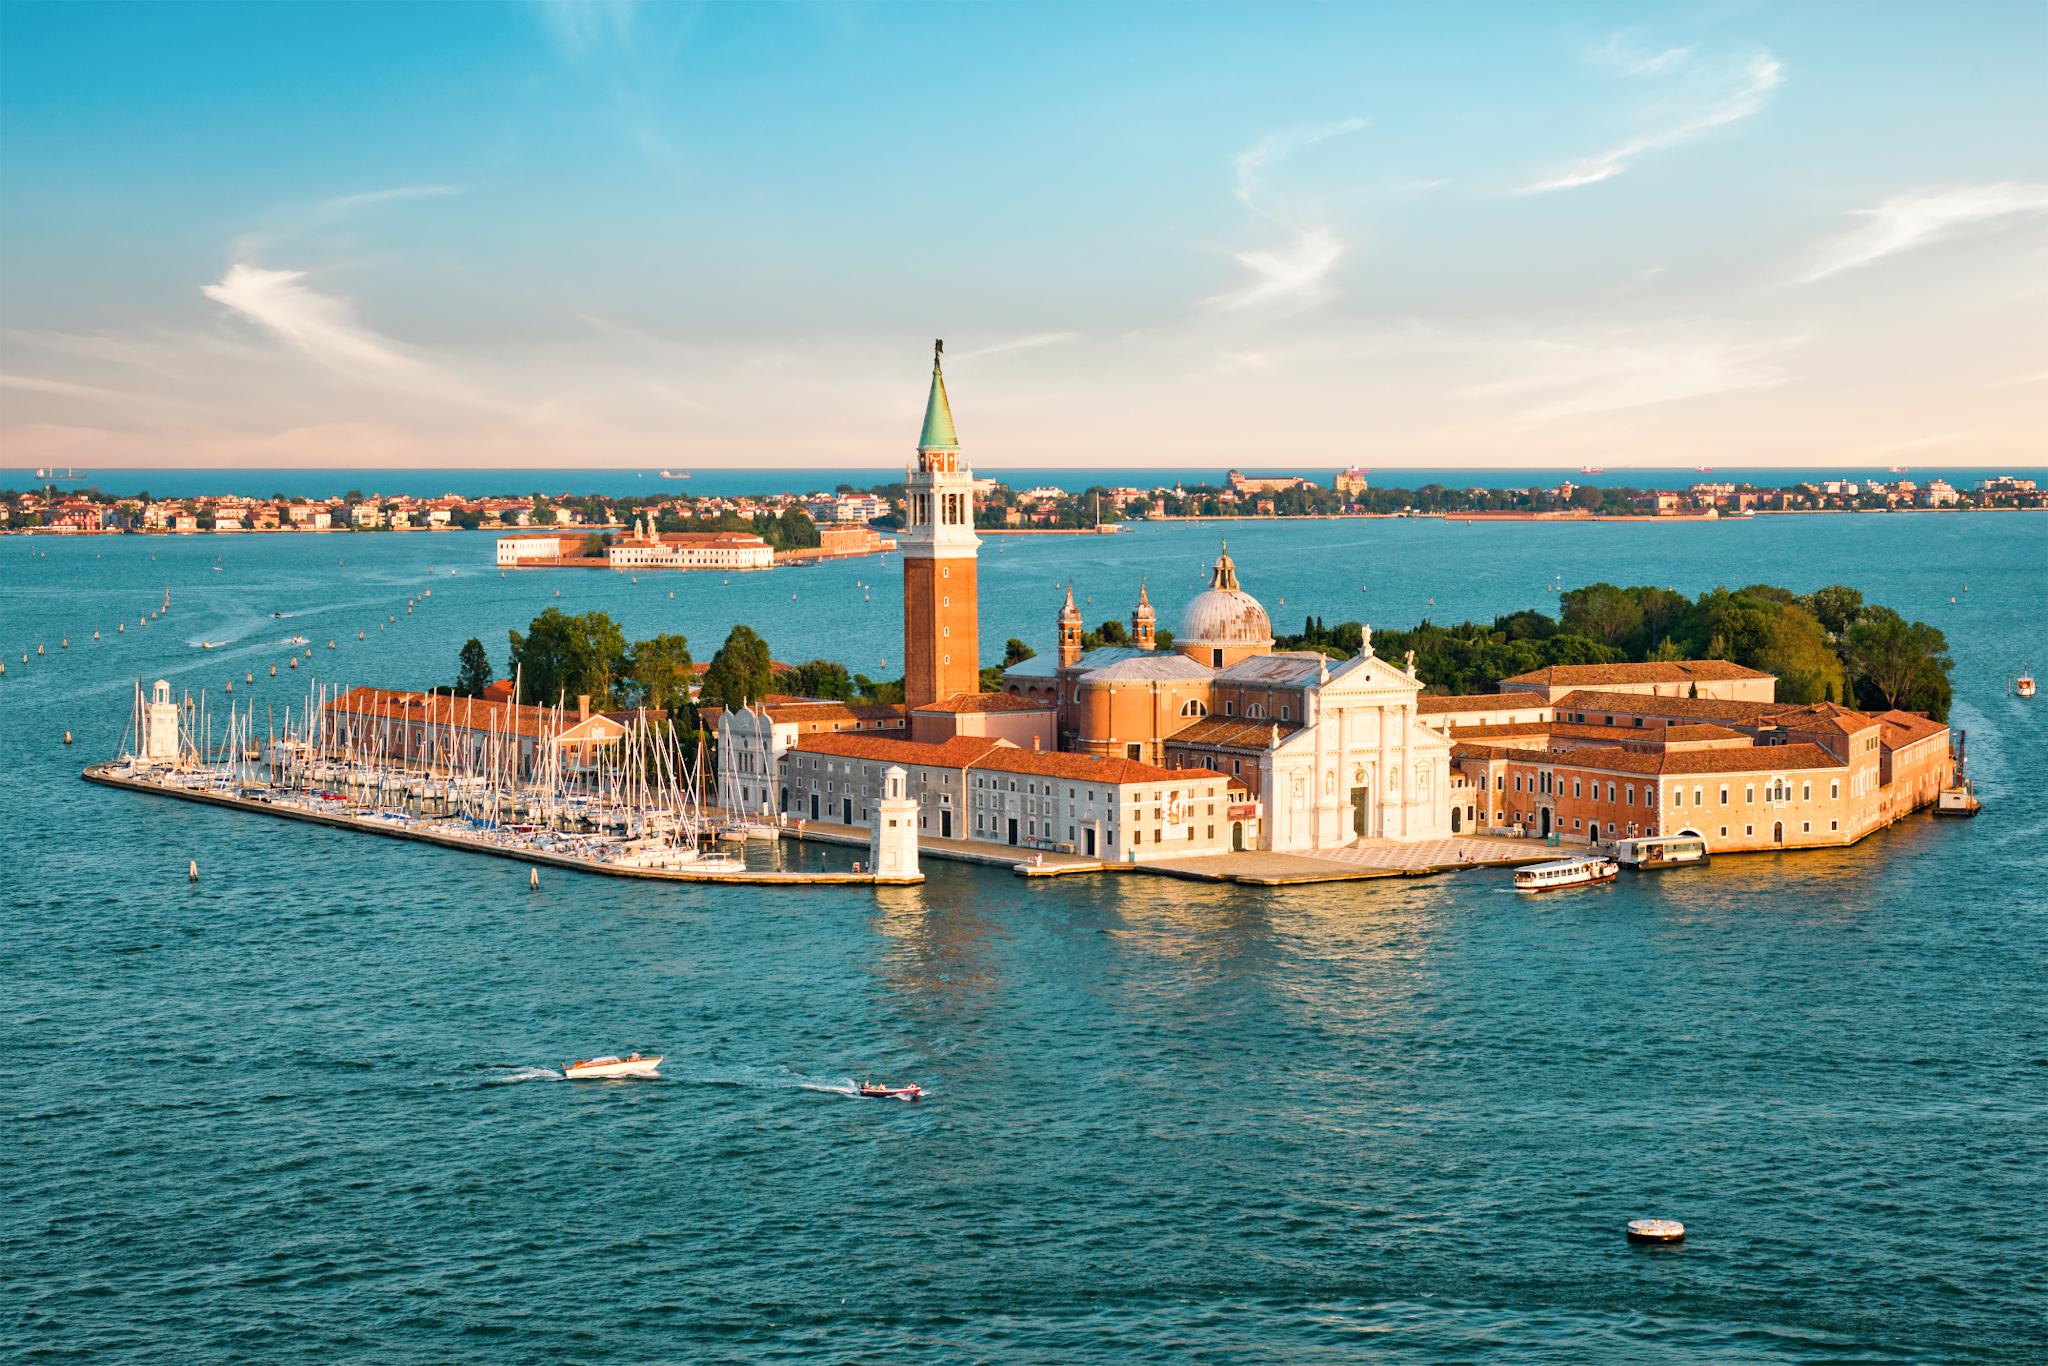 que ver en Venecia: isla de San Giorgio Maggiore